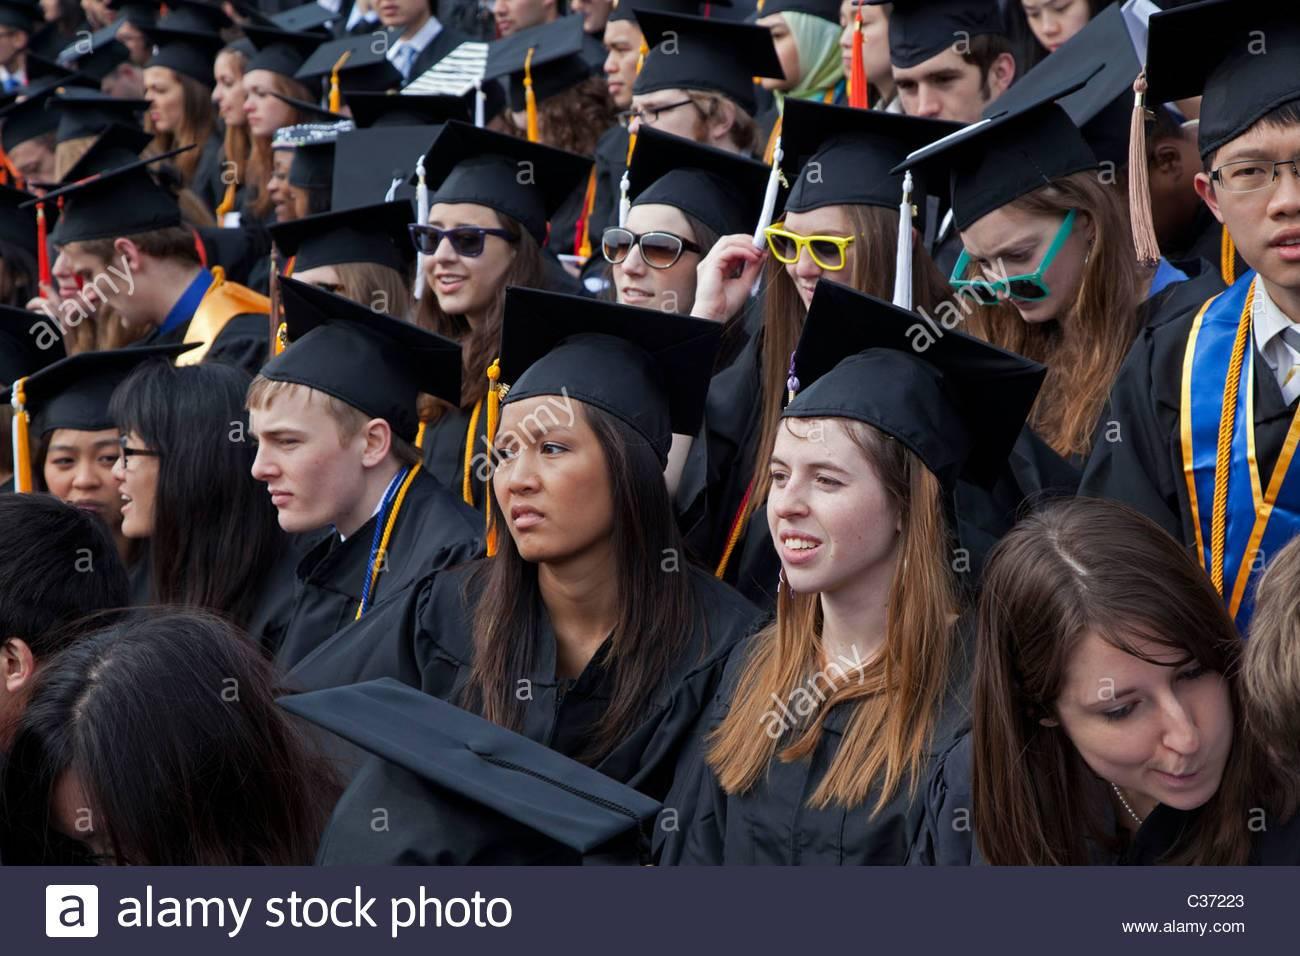 Высшее образование в сша в 2021 году: система, структура и стоимость обучения